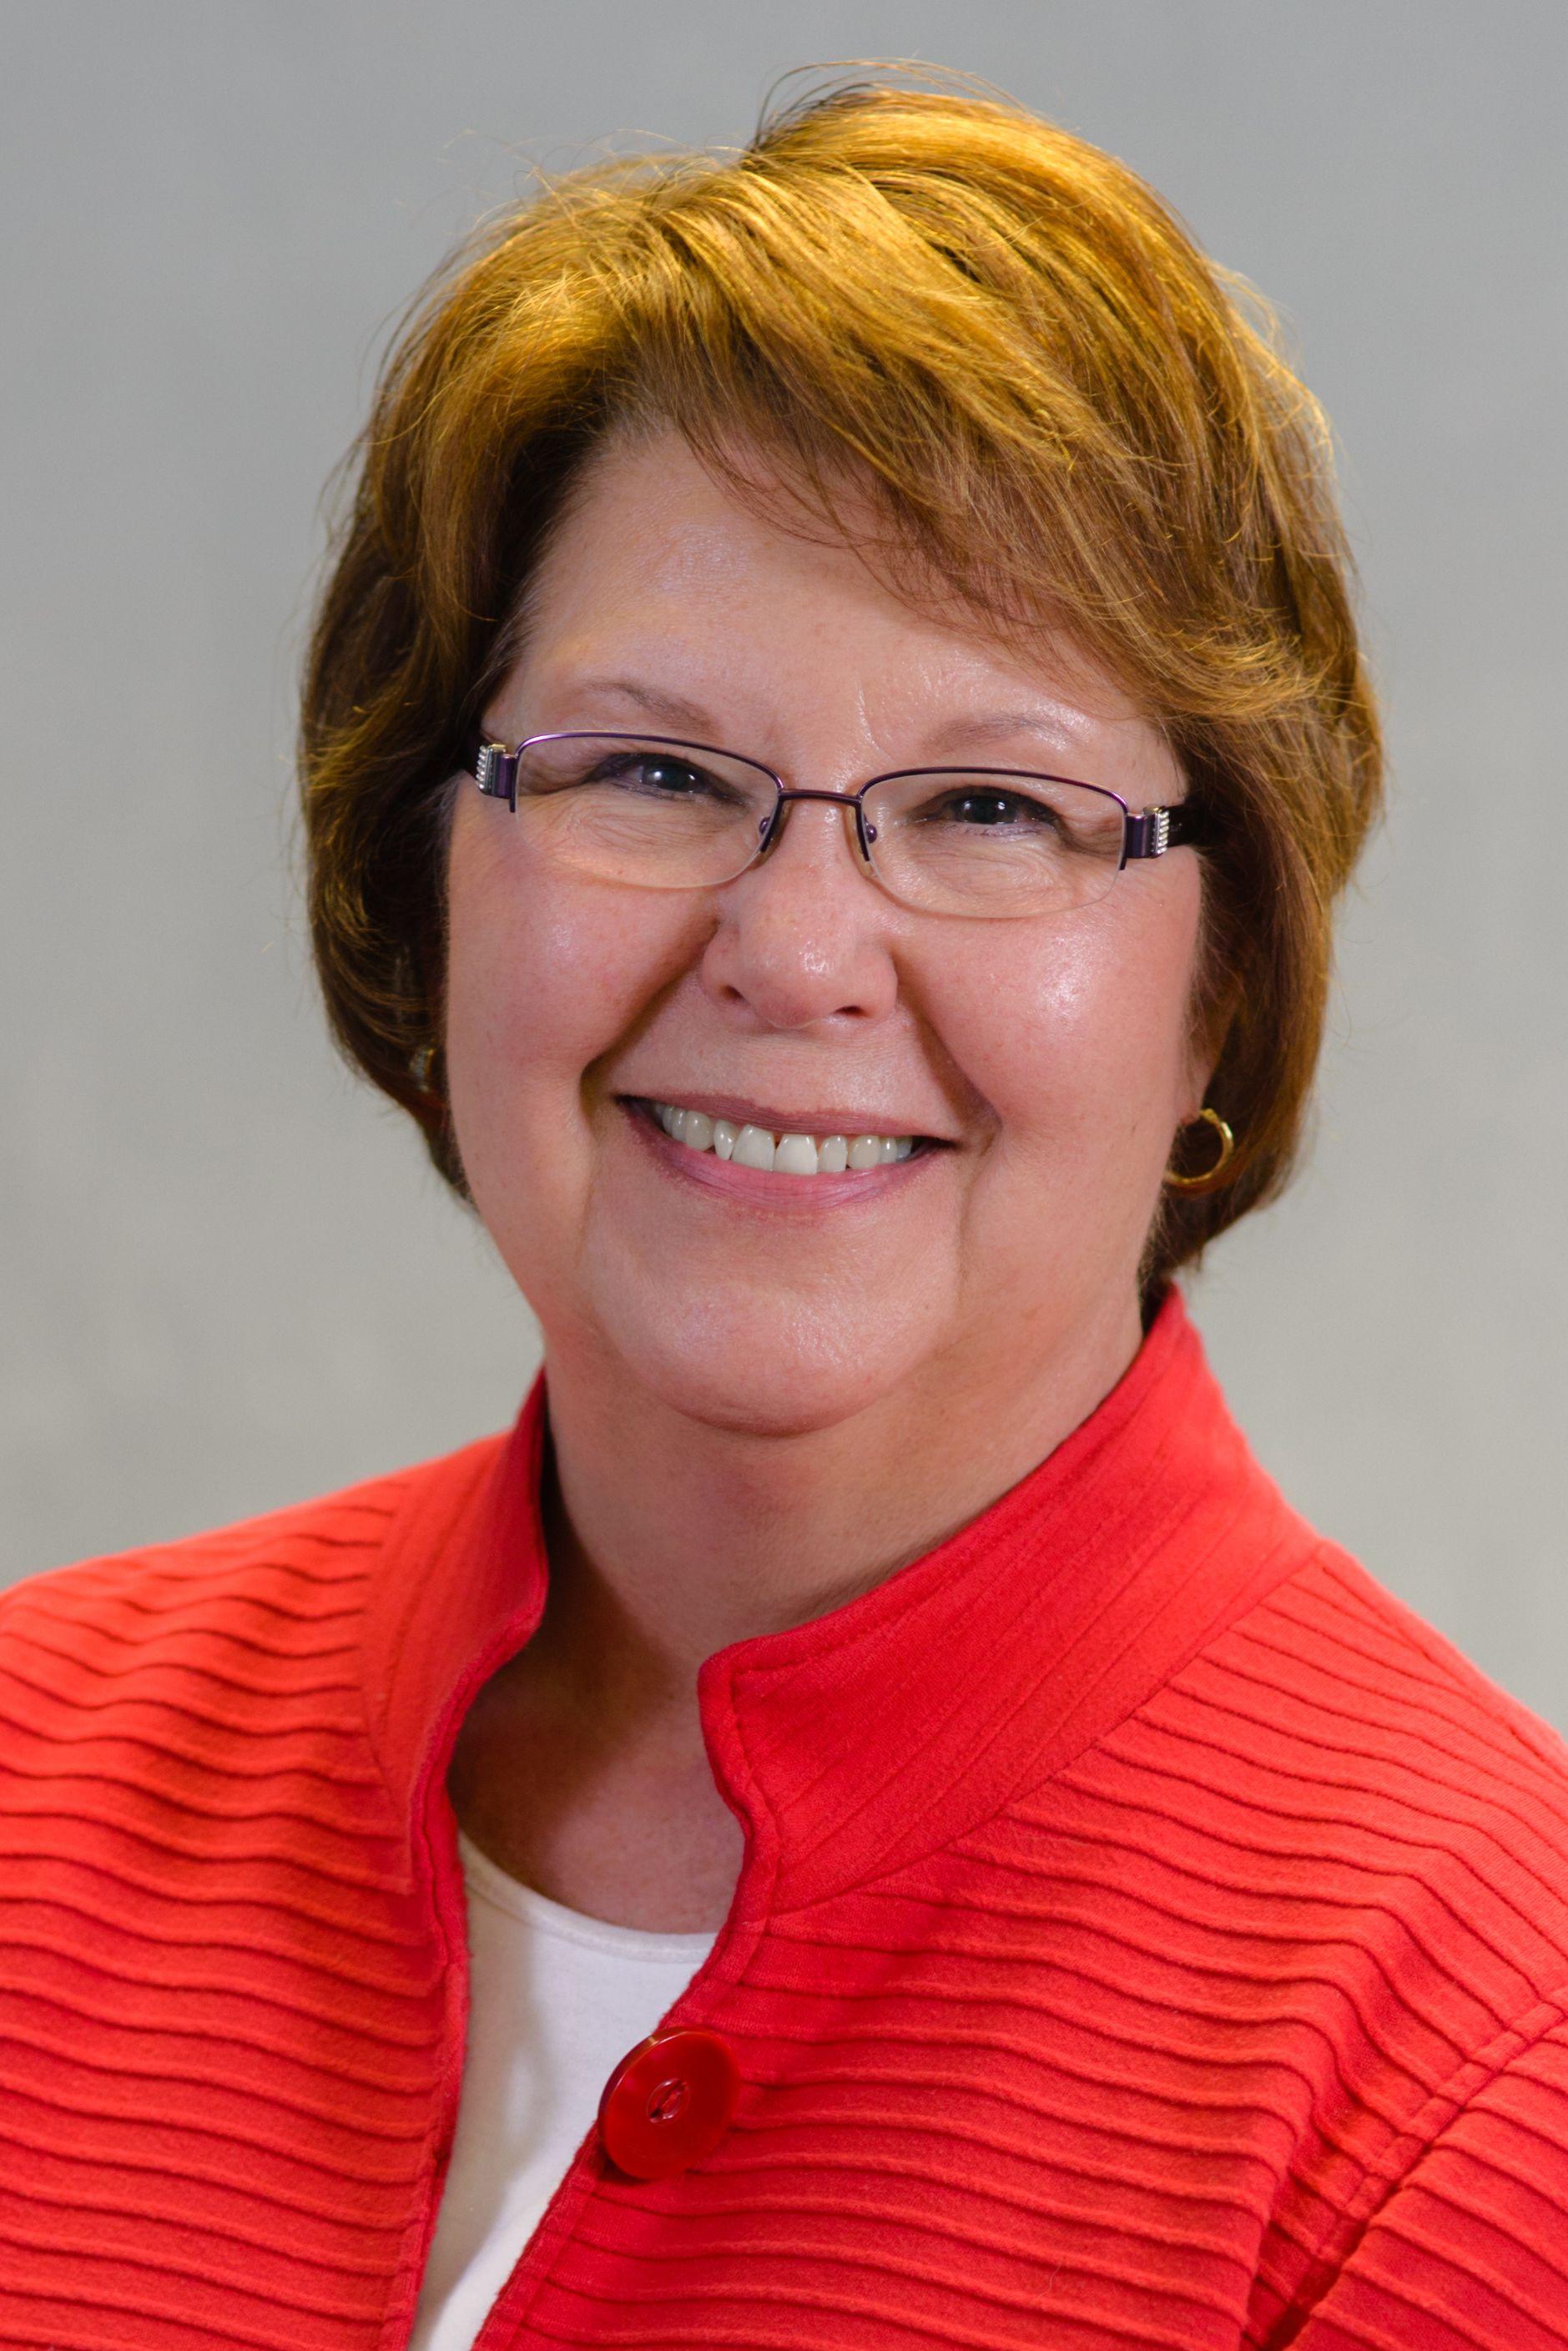 Helen Pietranczyk, Immediate Past President